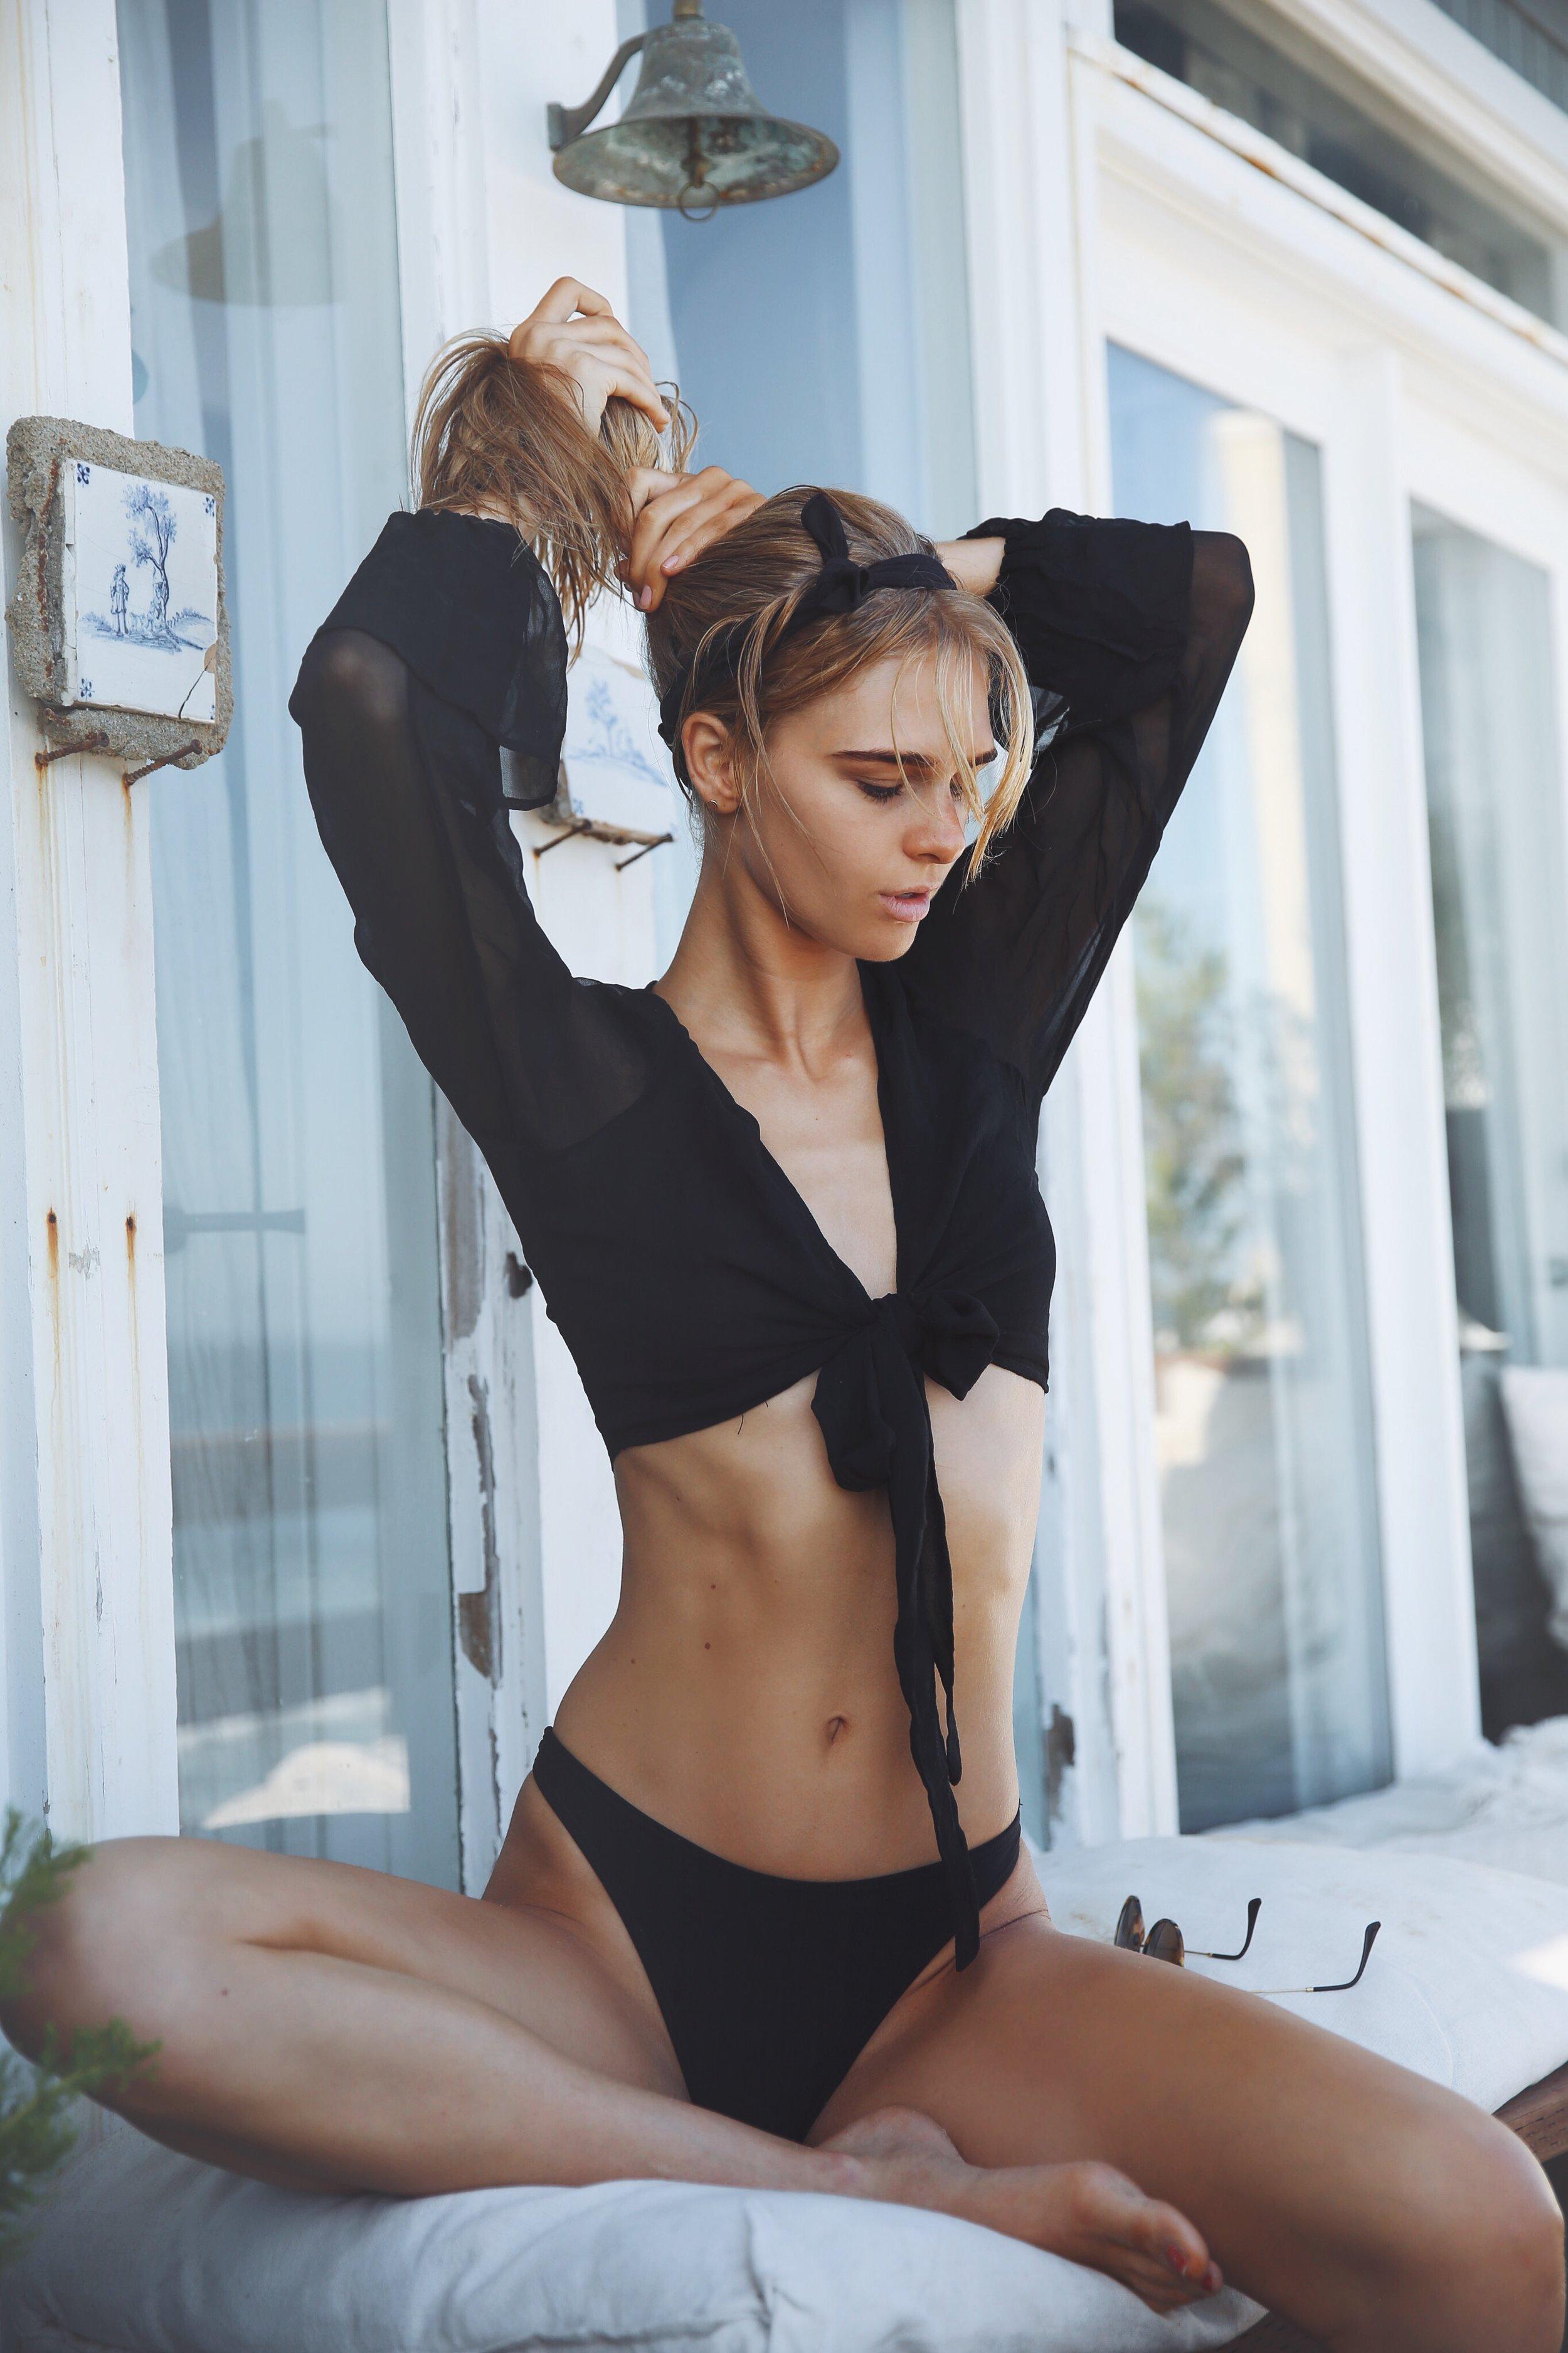 kj-skorge-erotic-model-photoshoot-by-torrey-west-12